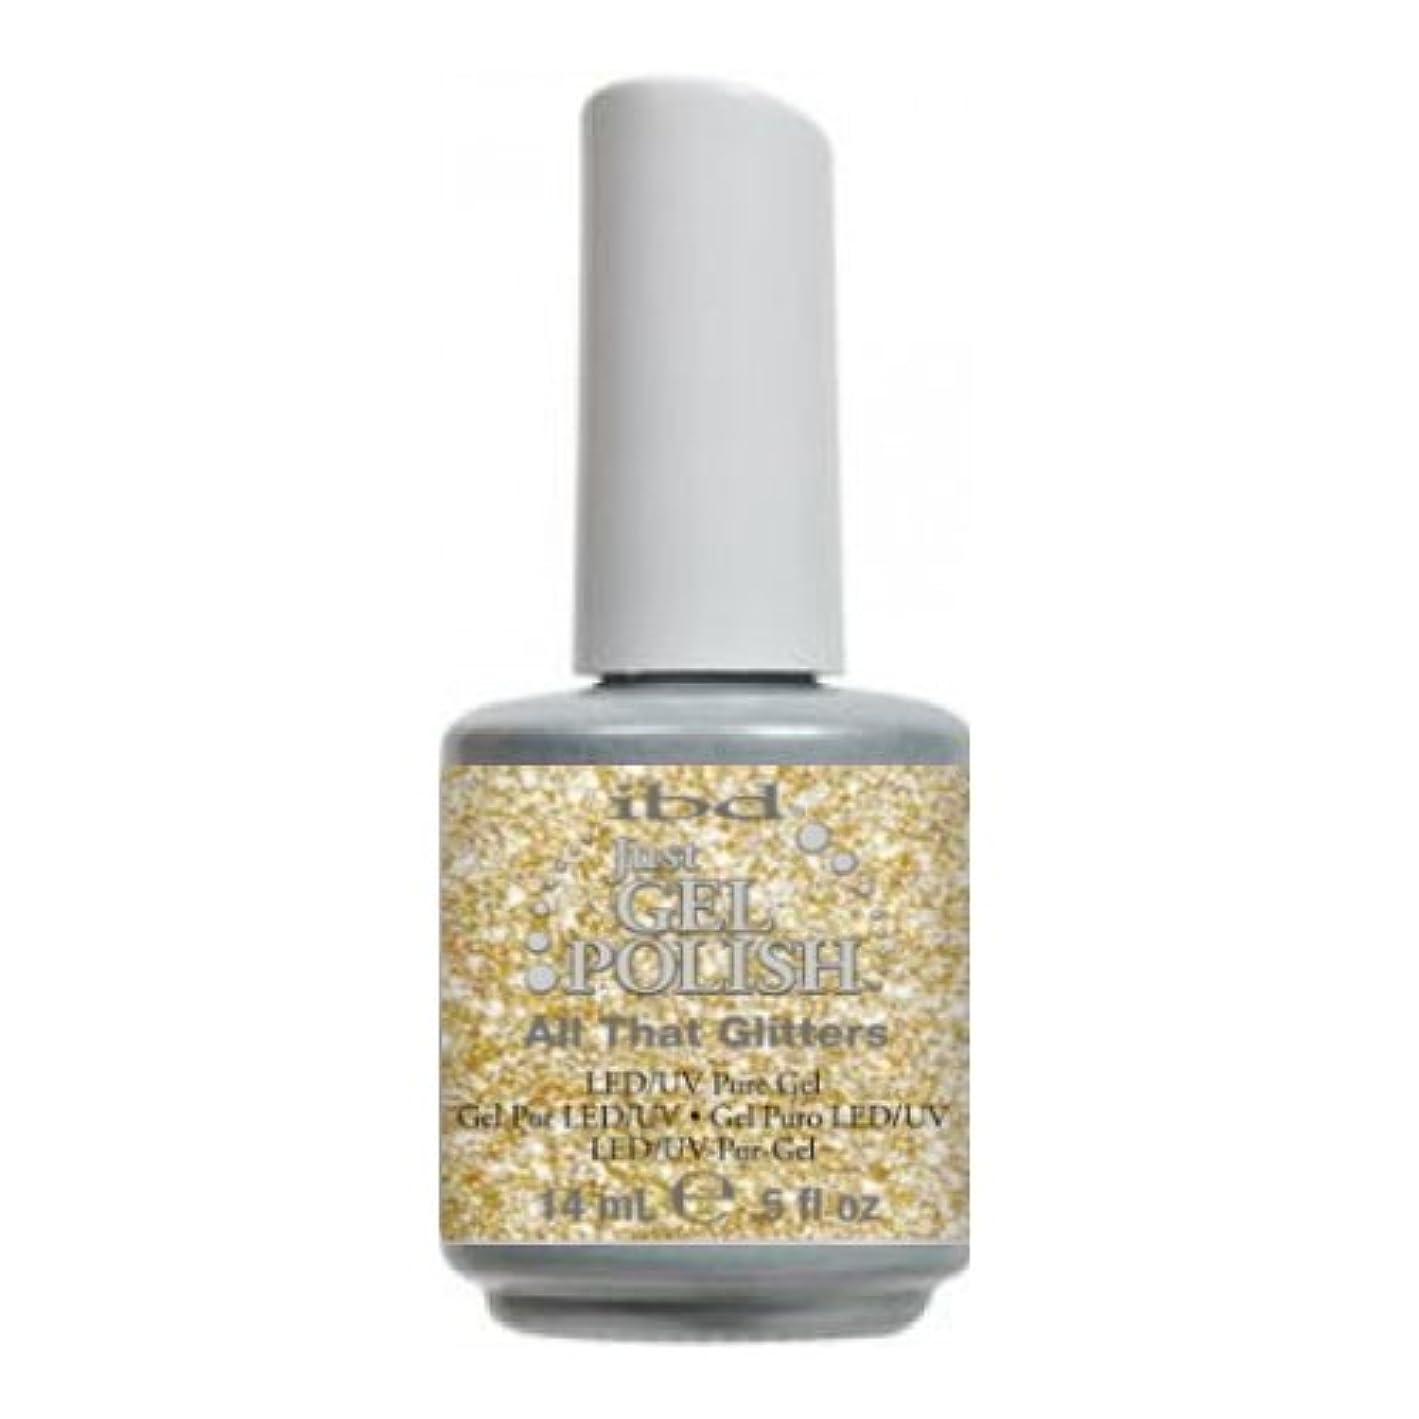 着実に減らす先のことを考える(3 Pack) ibd Just Gel Polish - All That Glitters (並行輸入品)